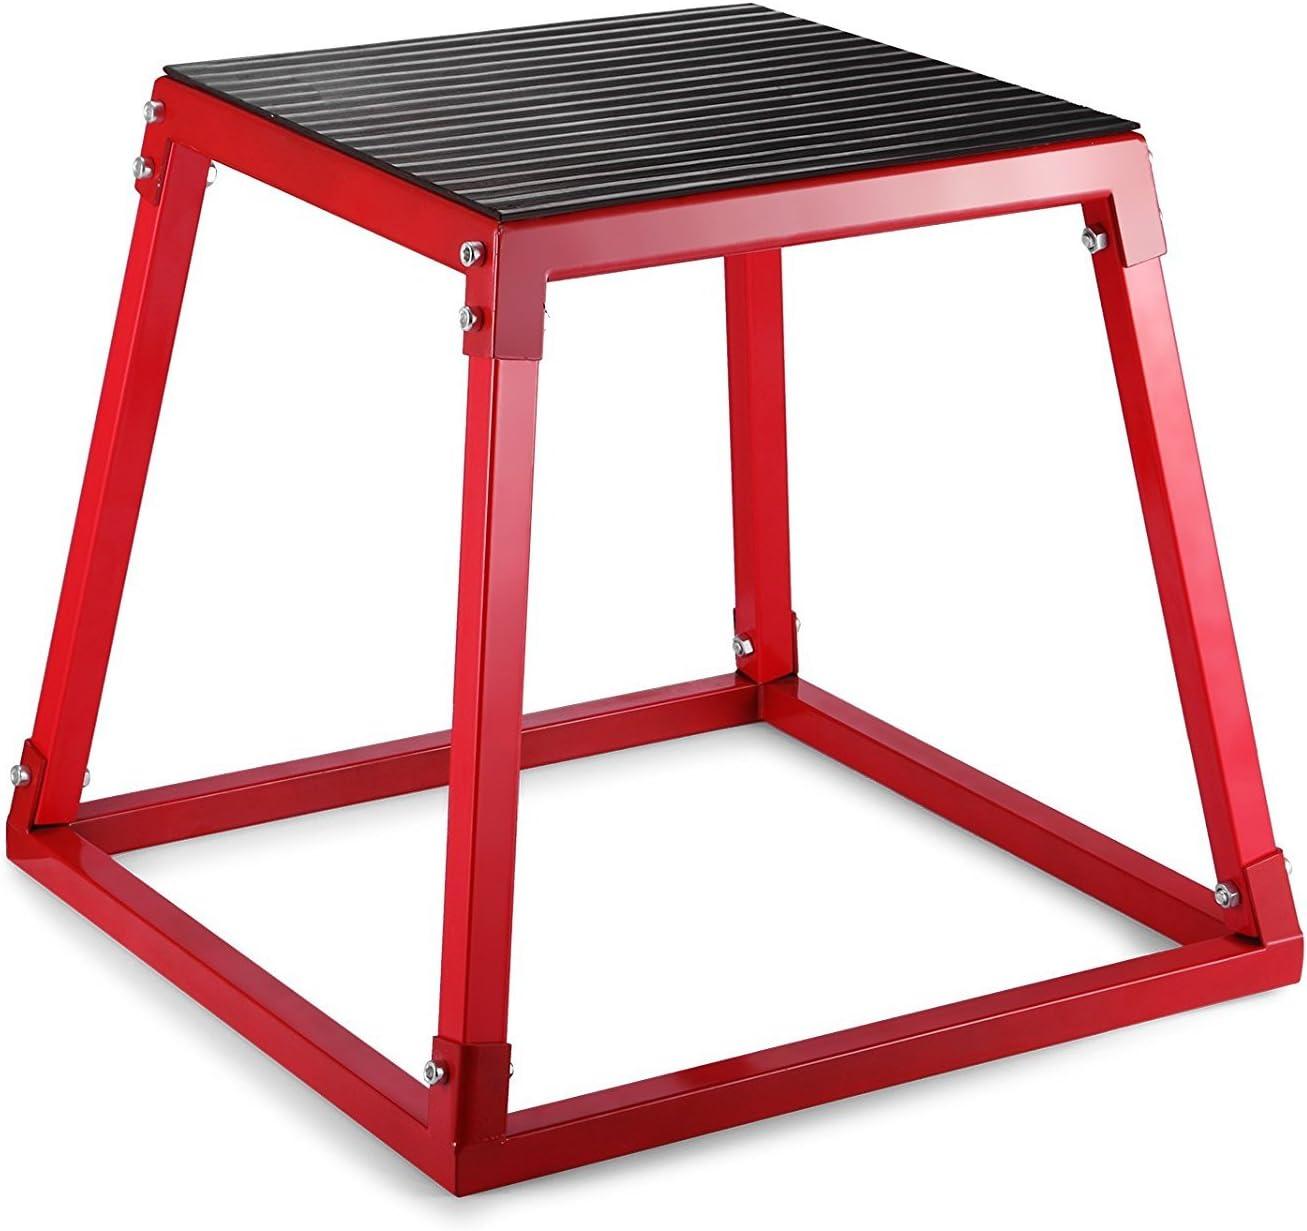 VEVOR Ztopia - Caja pliométrica de 12 pulgadas, caja de salto pliométrica de 18 pulgadas, caja de salto pliométrico de 24 pulgadas para entrenamiento ...